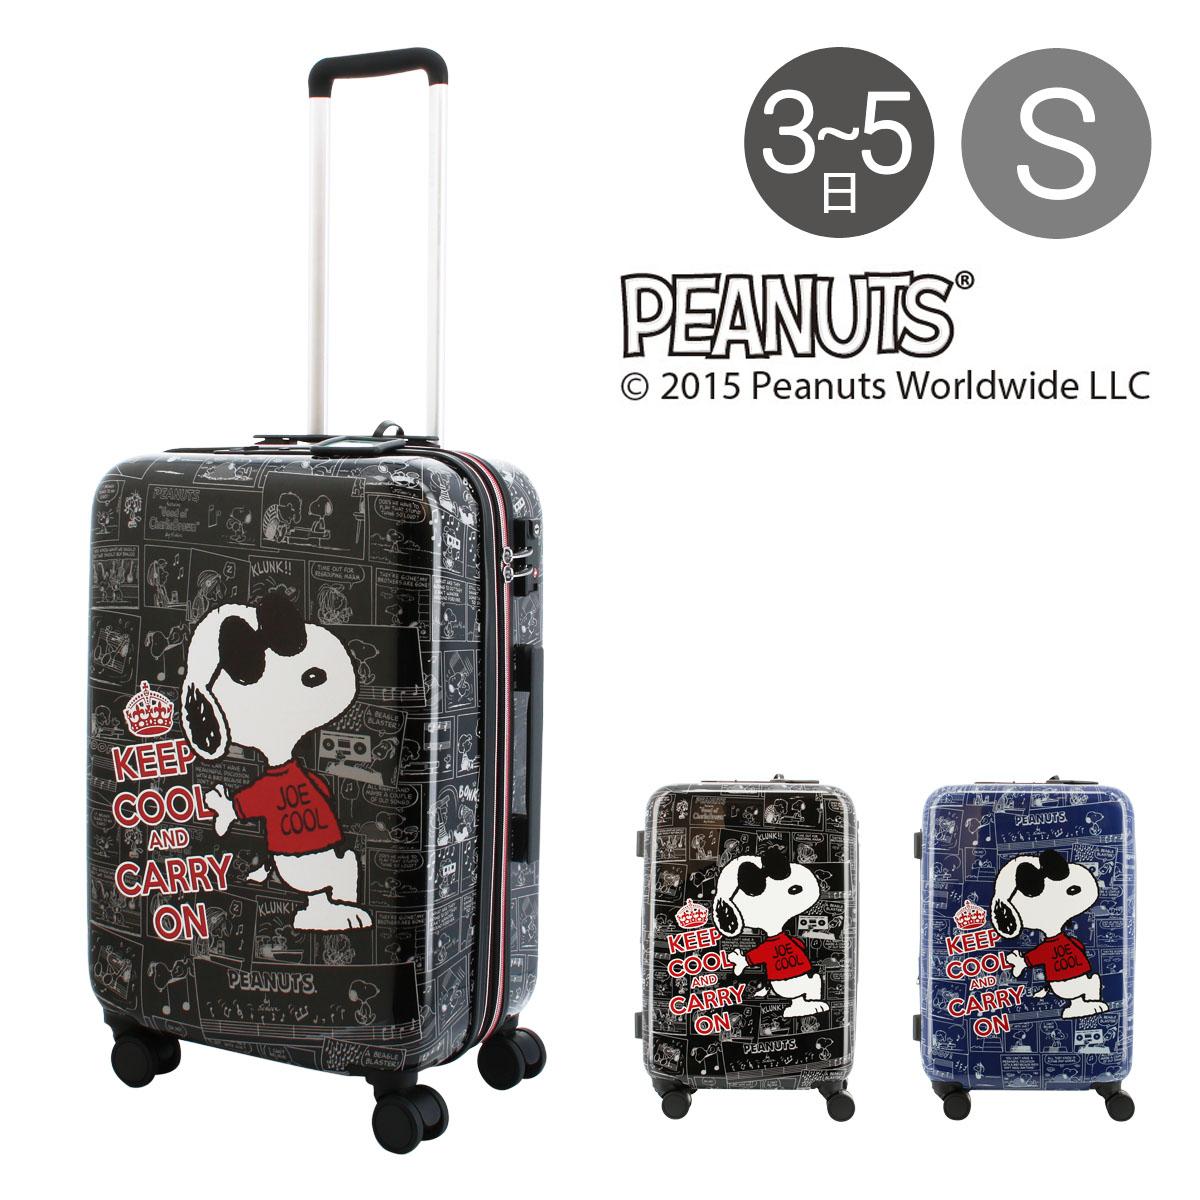 送料無料 あす楽 ピーナッツ スーツケース 49L 62cm 3.8kg レディース bef PN-021 ハード TSAロック搭載 即日発送 PEANUTS ファスナー 大特価 アウトレット キャリーケース